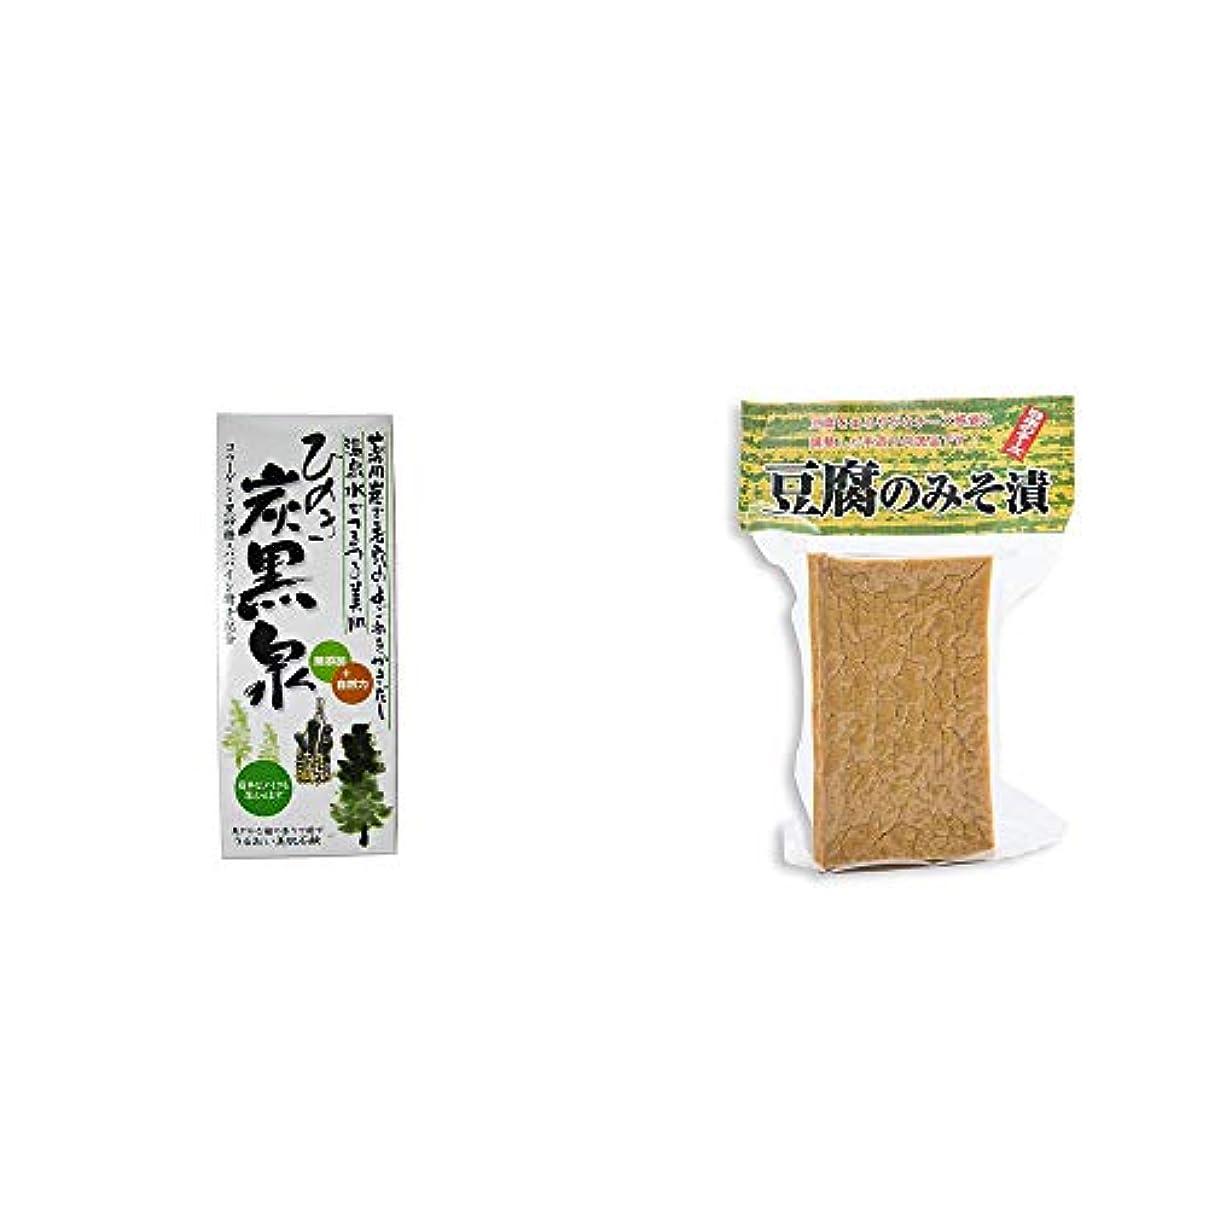 しみ隔離する誘発する[2点セット] ひのき炭黒泉 箱入り(75g×3)?日本のチーズ 豆腐のみそ漬(1個入)